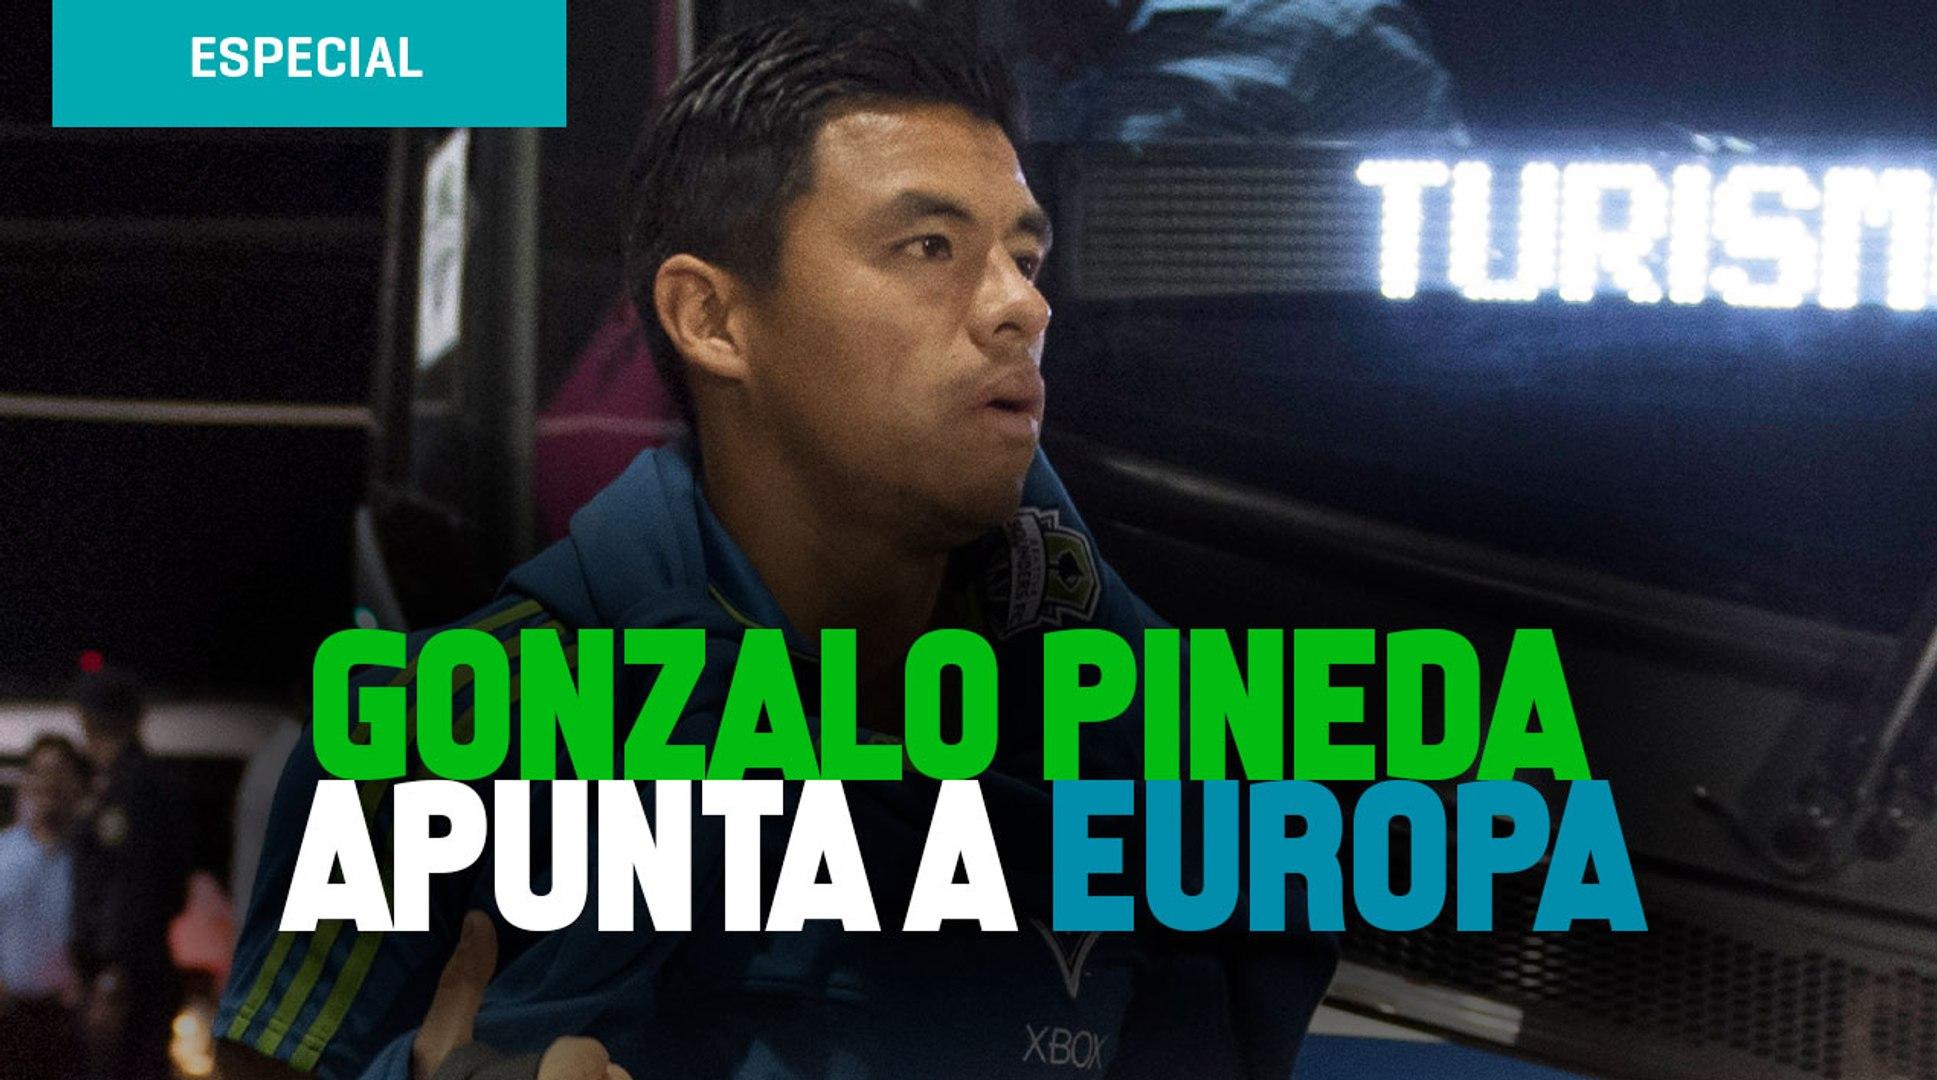 Campeón en la MLS, Gonzalo Pineda apunta a Europa